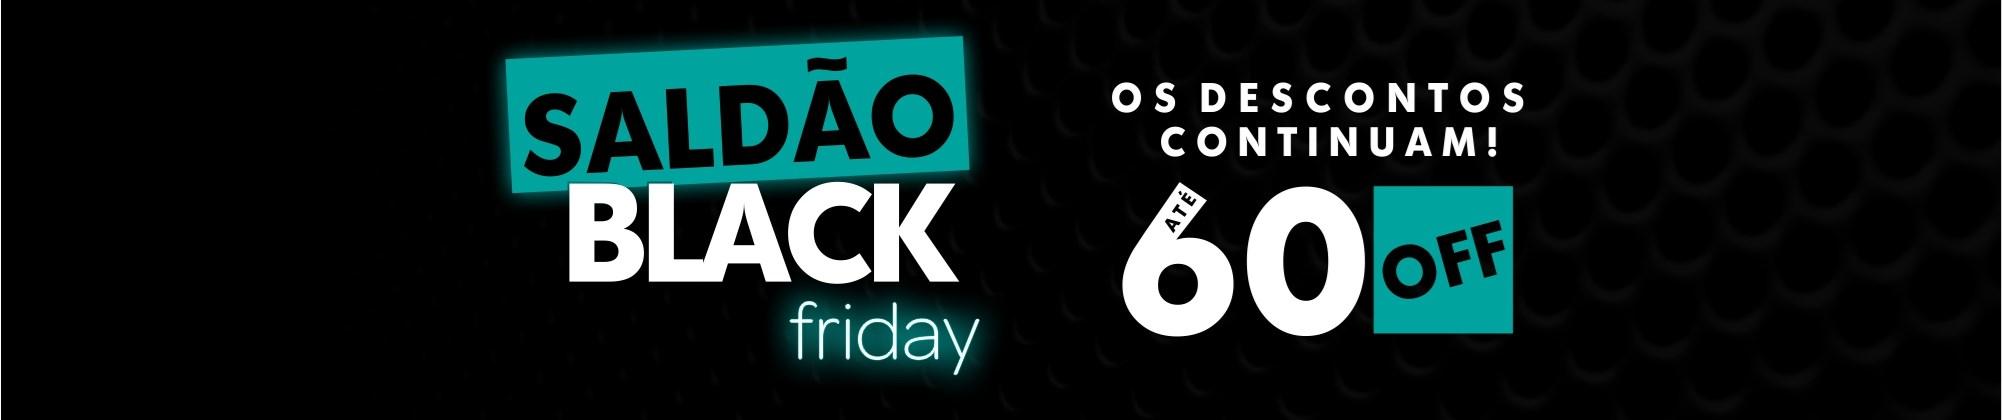 Saldão Black Friday